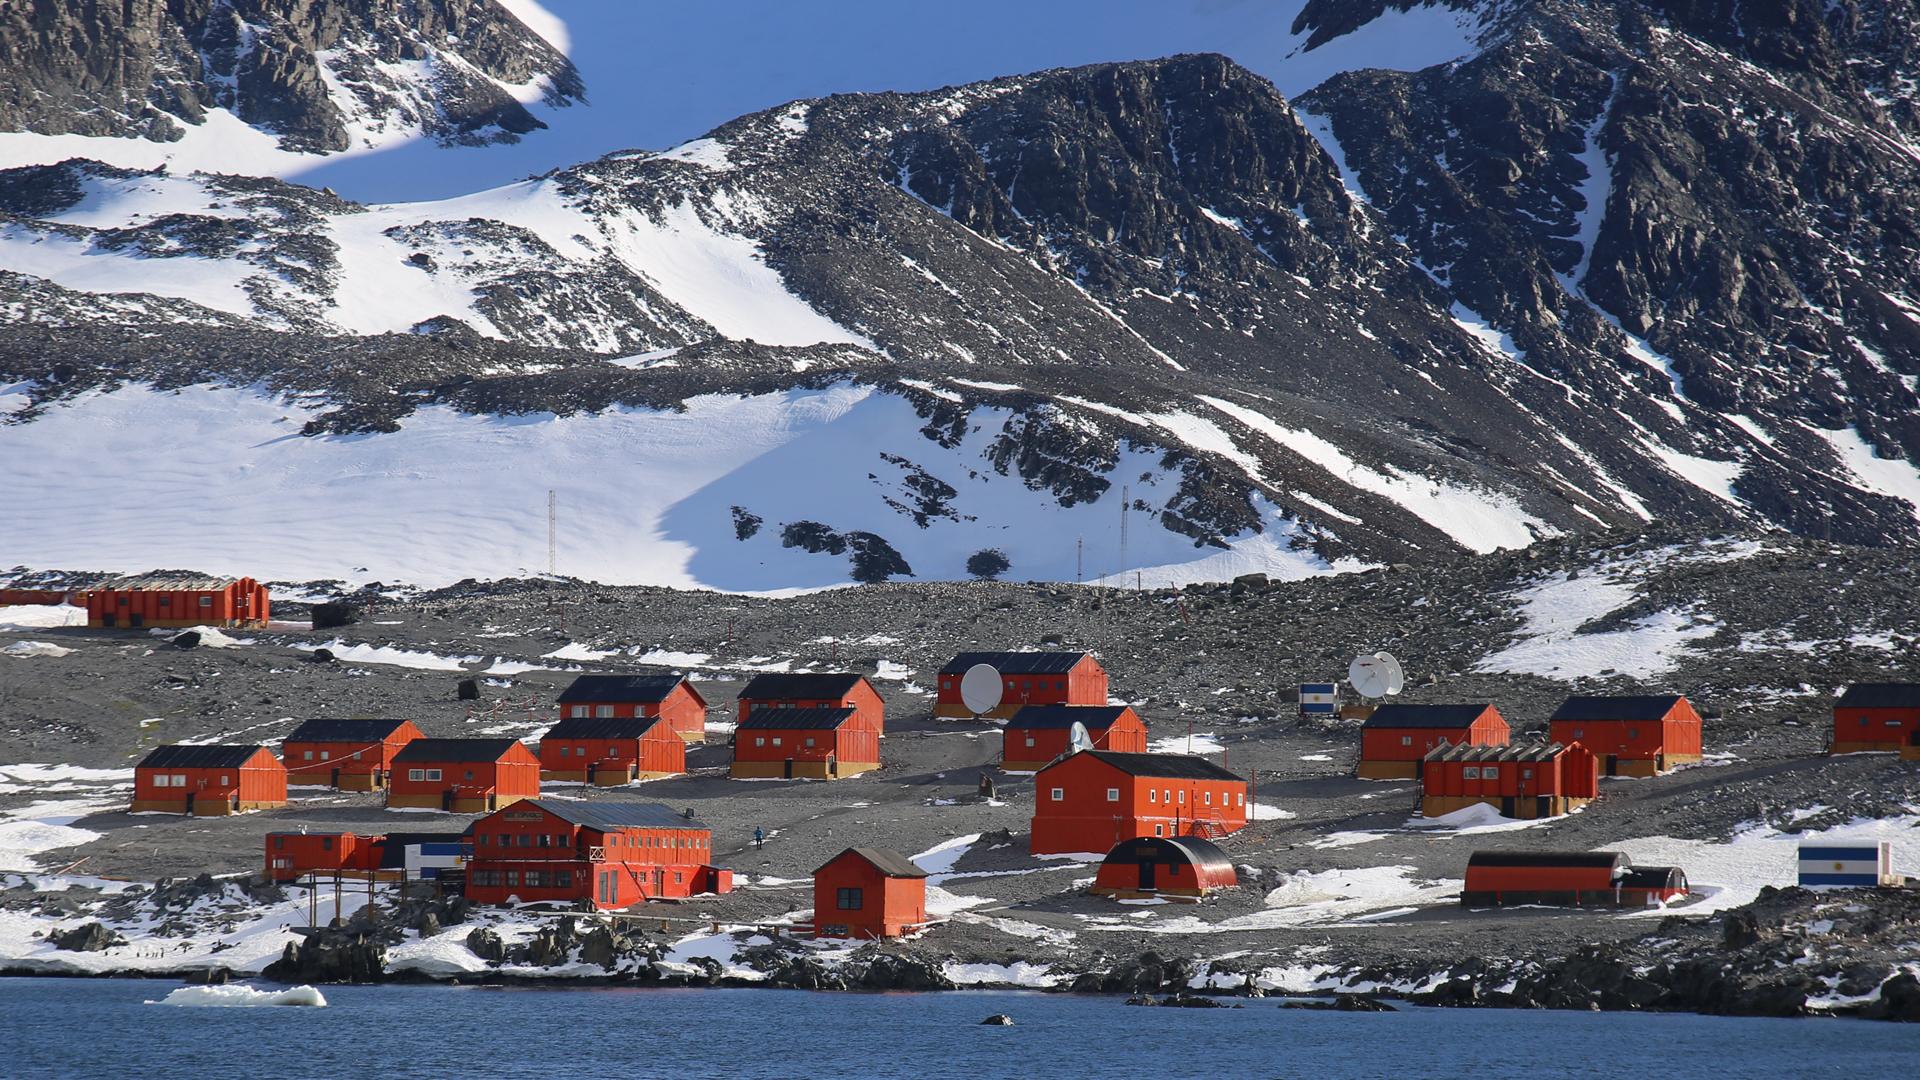 El Sector Antártico Argentino, en el que están instaladas todas las bases, tiene como objetivo principal llevar adelante tareas de investigación. Foto: Archivo DEF.